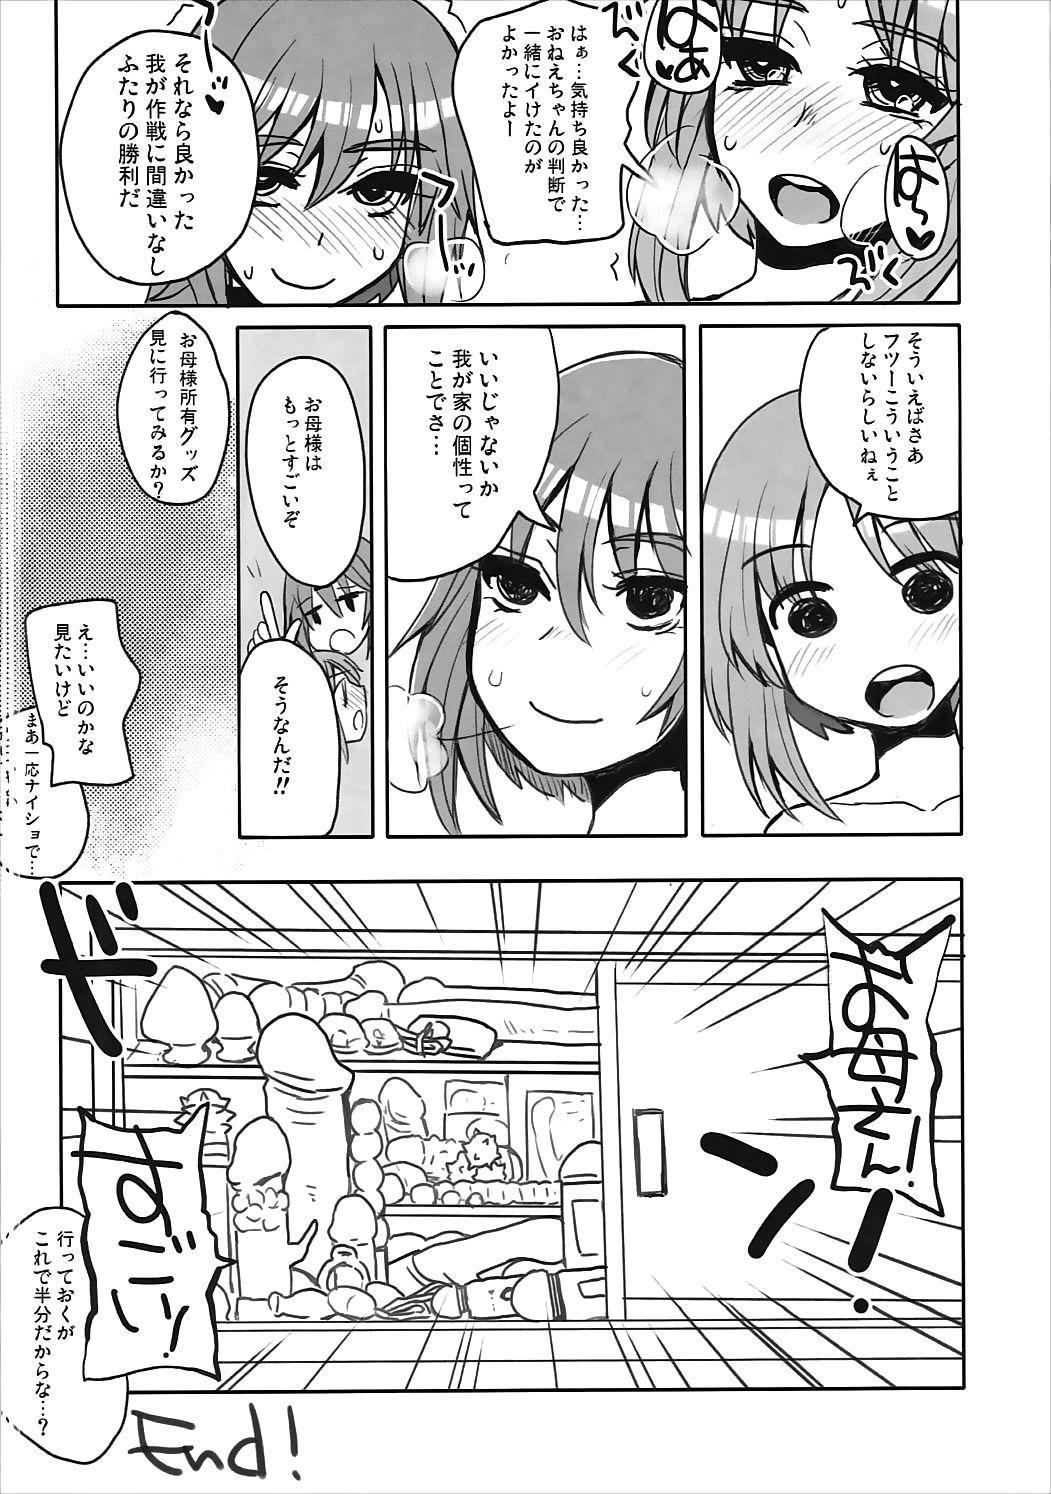 Nakanaori Zukozuko Sakusen desu! 10